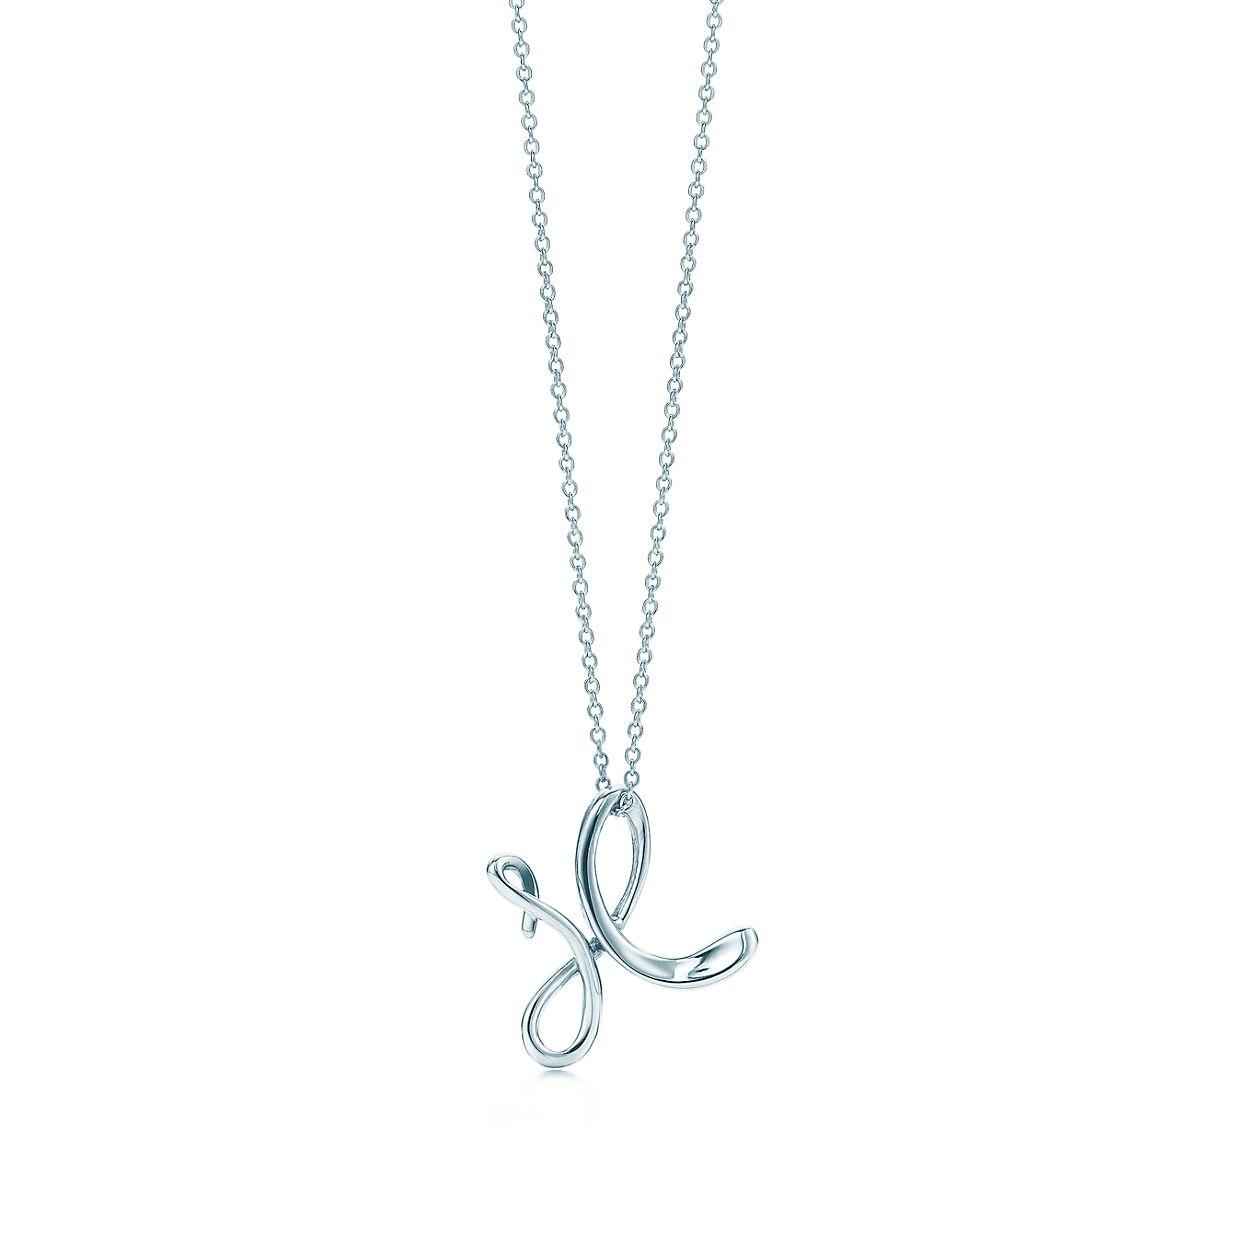 Elsa Peretti letter W pendant in sterling silver, small - Size W Tiffany & Co.